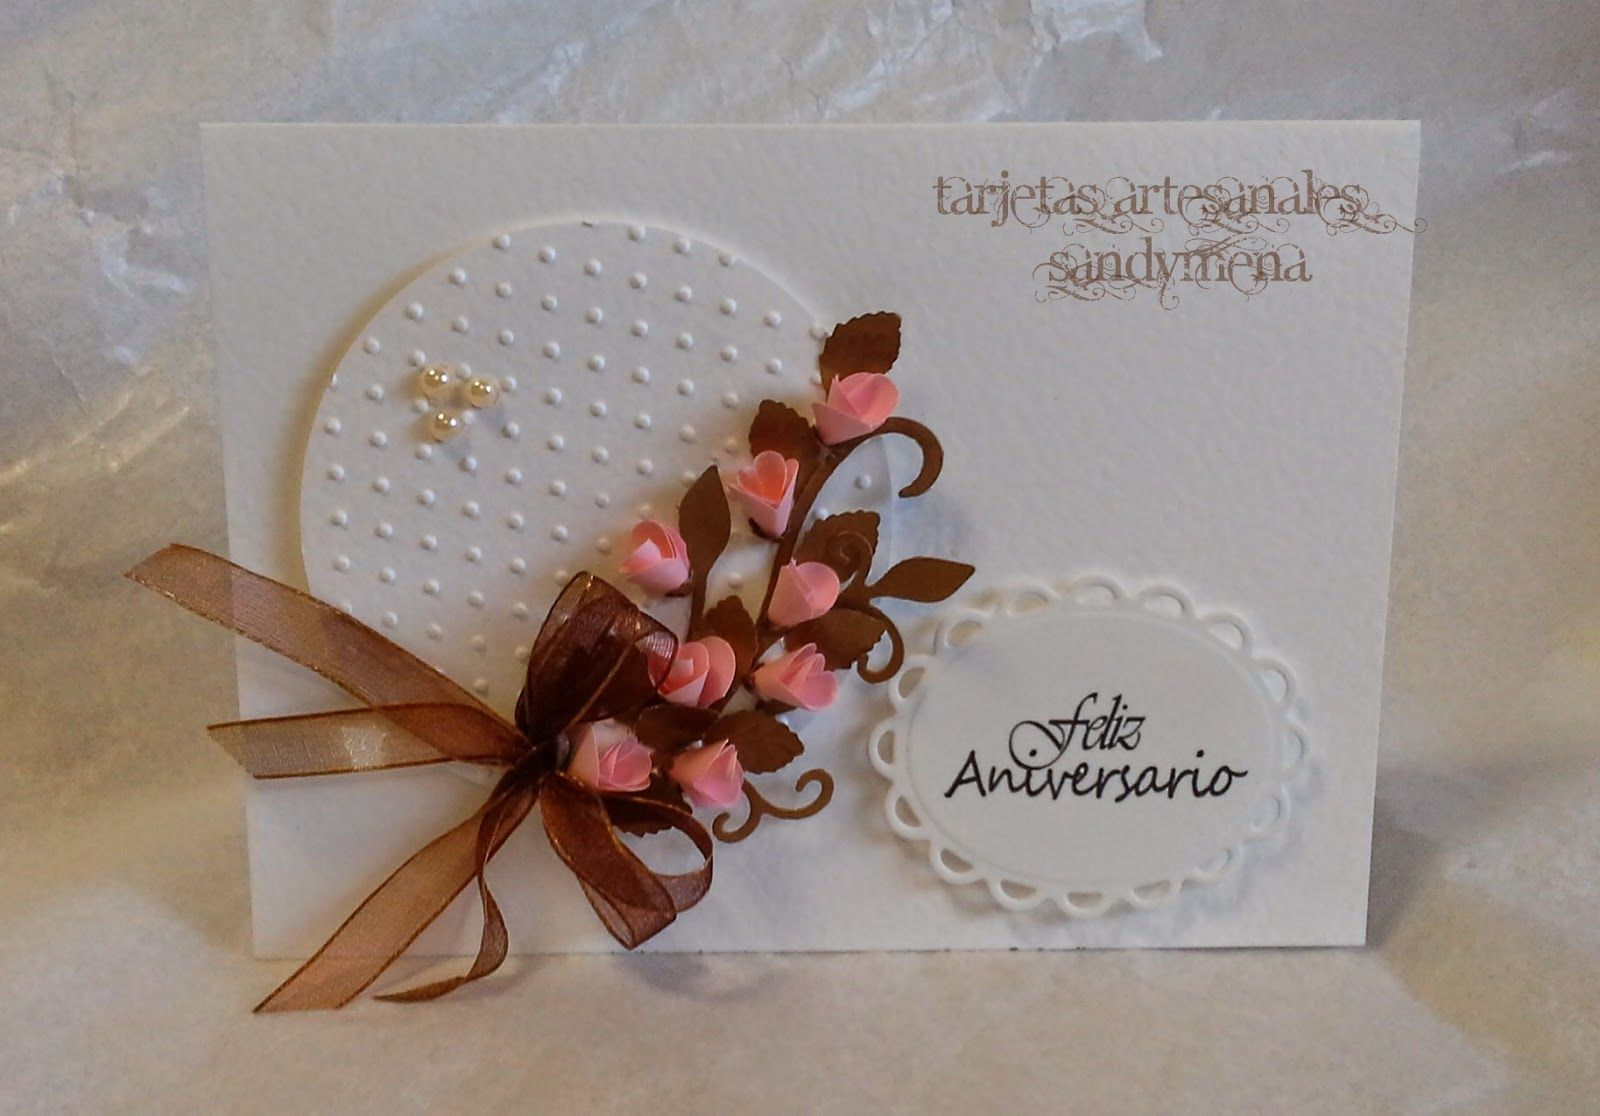 Tarjetas Artesanales Invitaciones De Matrimonio Place Card